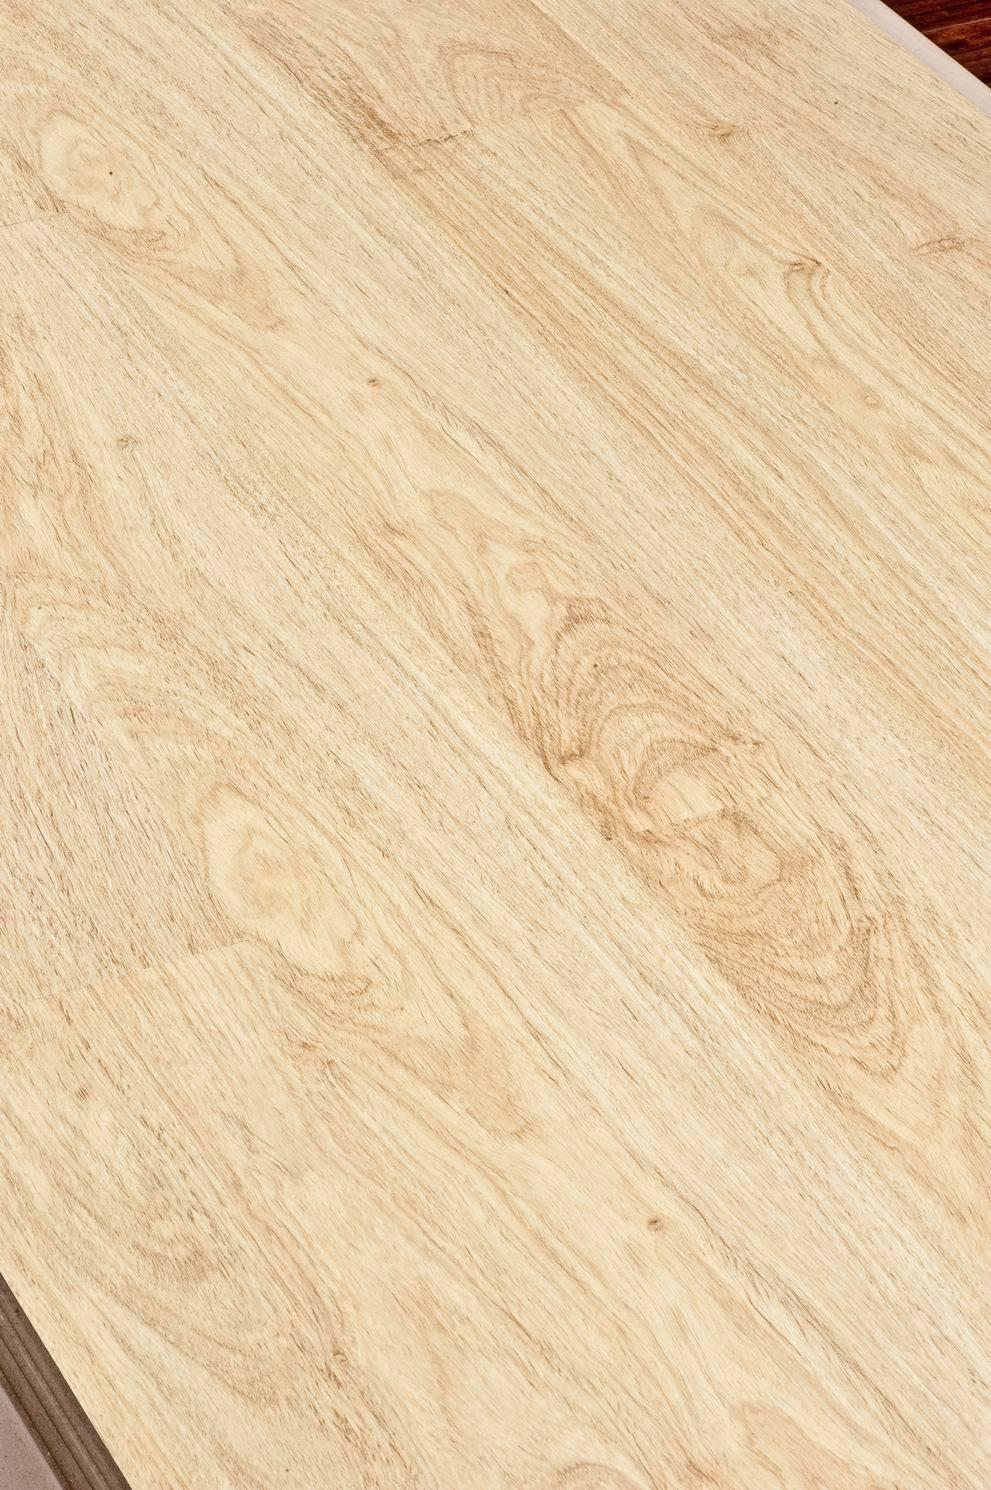 China european high glossy wood parquet laminated flooring for European laminate flooring